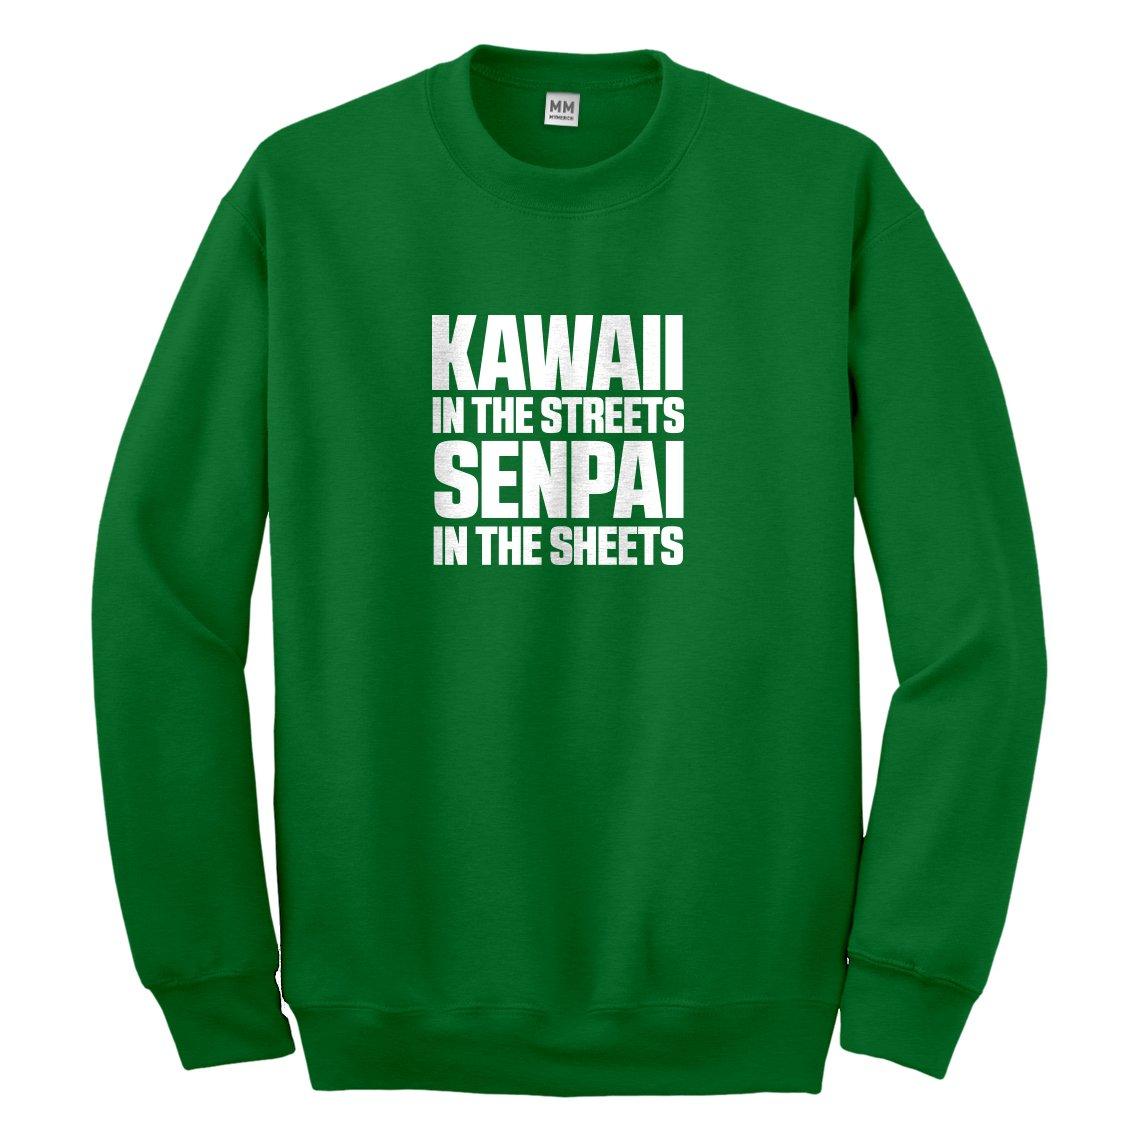 Indica Plateau Kawaii in the Streets Sweatshirt 3042-C